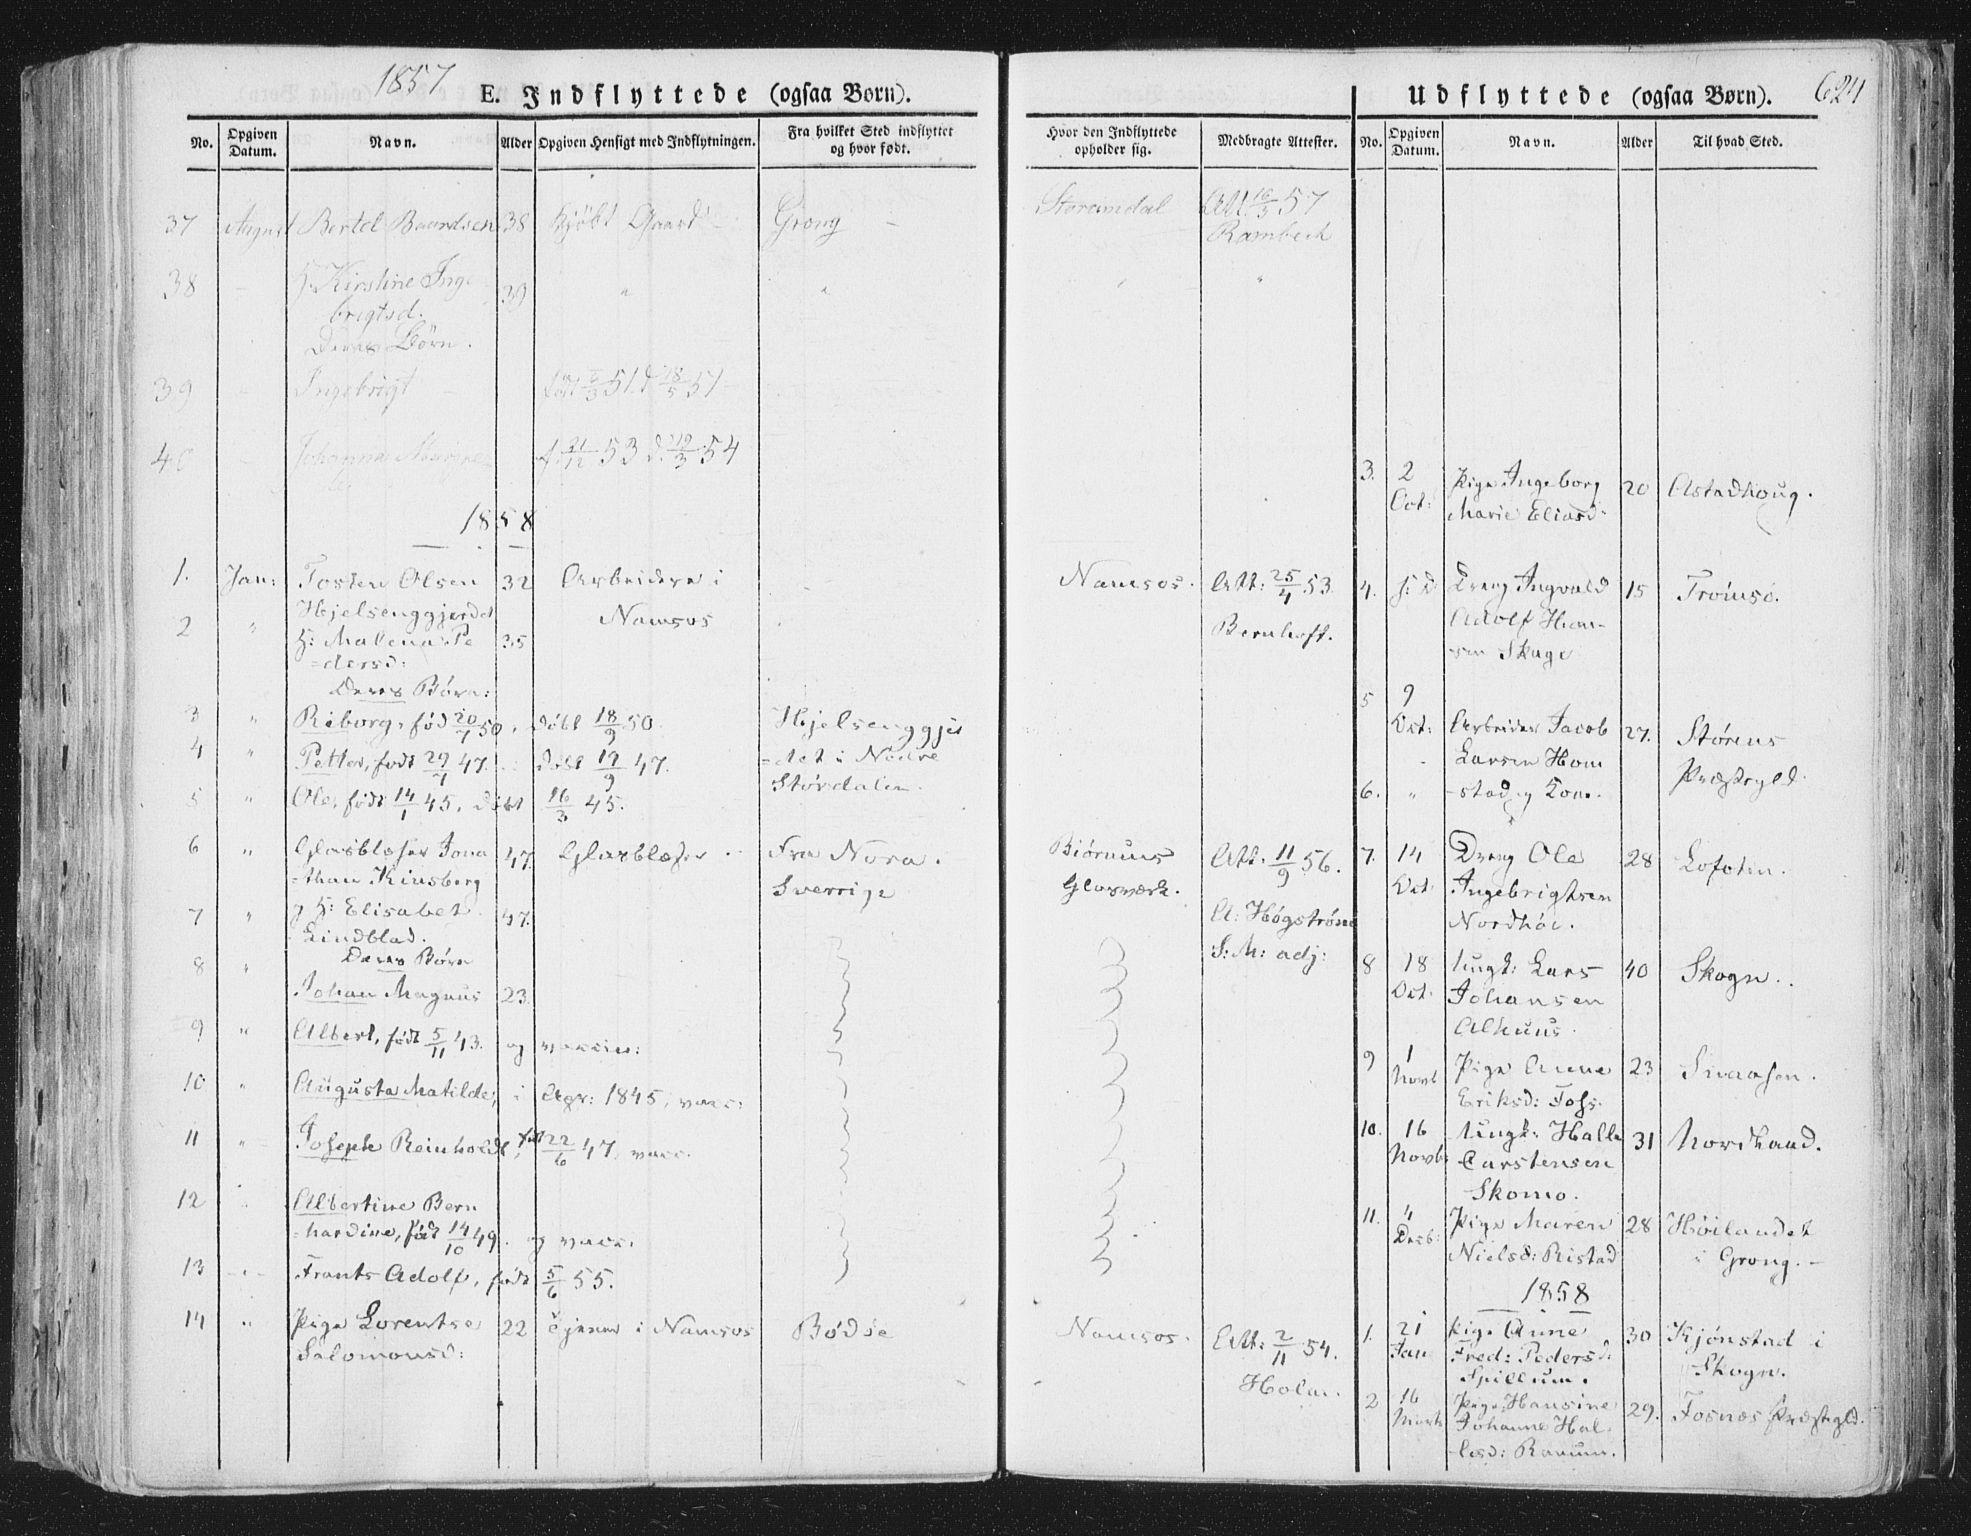 SAT, Ministerialprotokoller, klokkerbøker og fødselsregistre - Nord-Trøndelag, 764/L0552: Ministerialbok nr. 764A07b, 1824-1865, s. 624